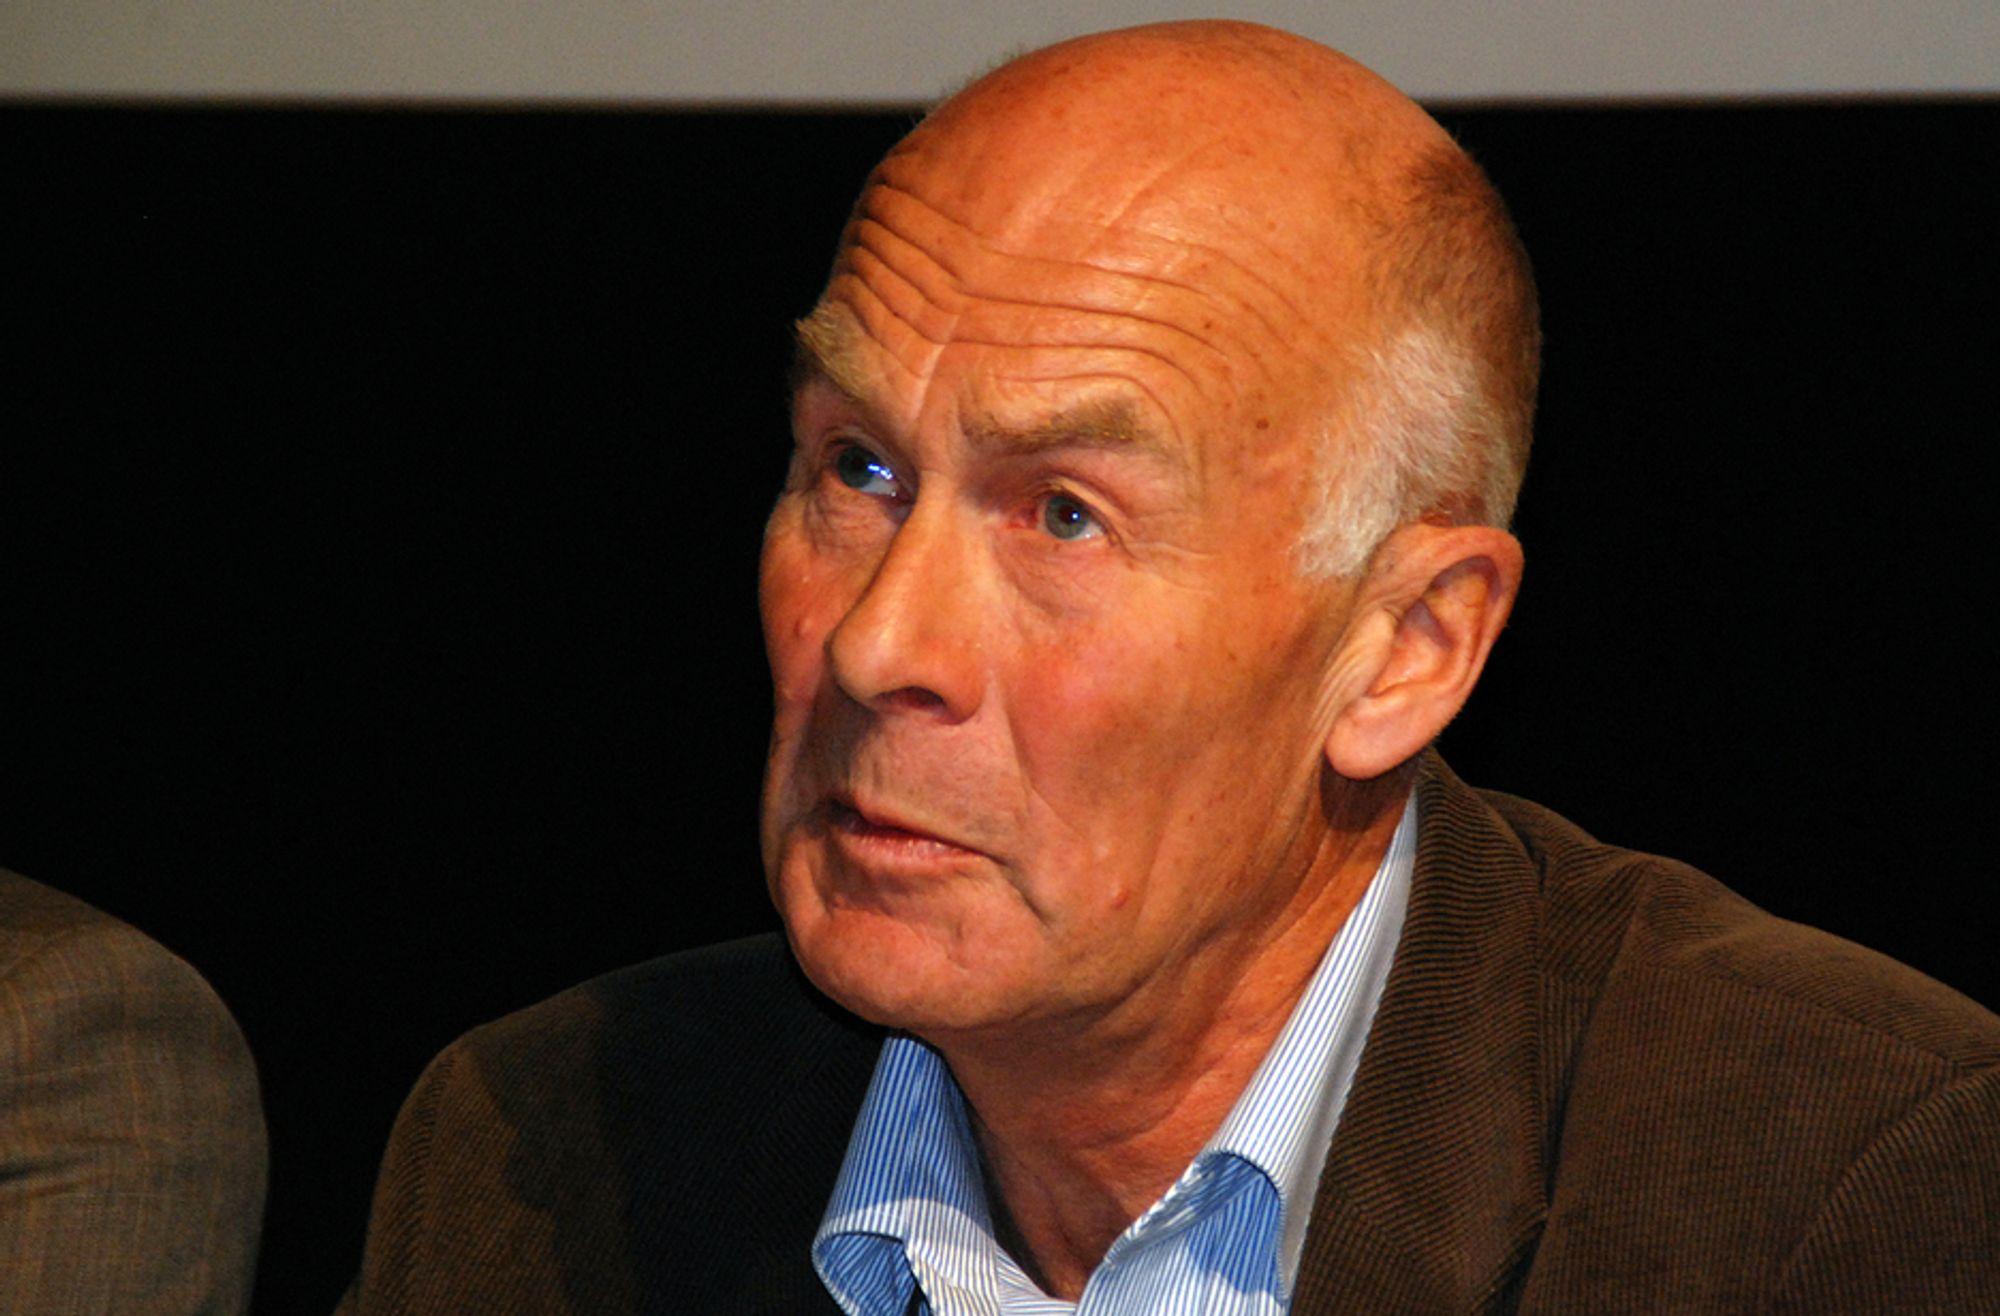 Adm.dir. Sverre A. Larssen i Byggenæringens Landsforening krever at Regjeringen gir en ekstraordinær redningspakke til byggenæringen.